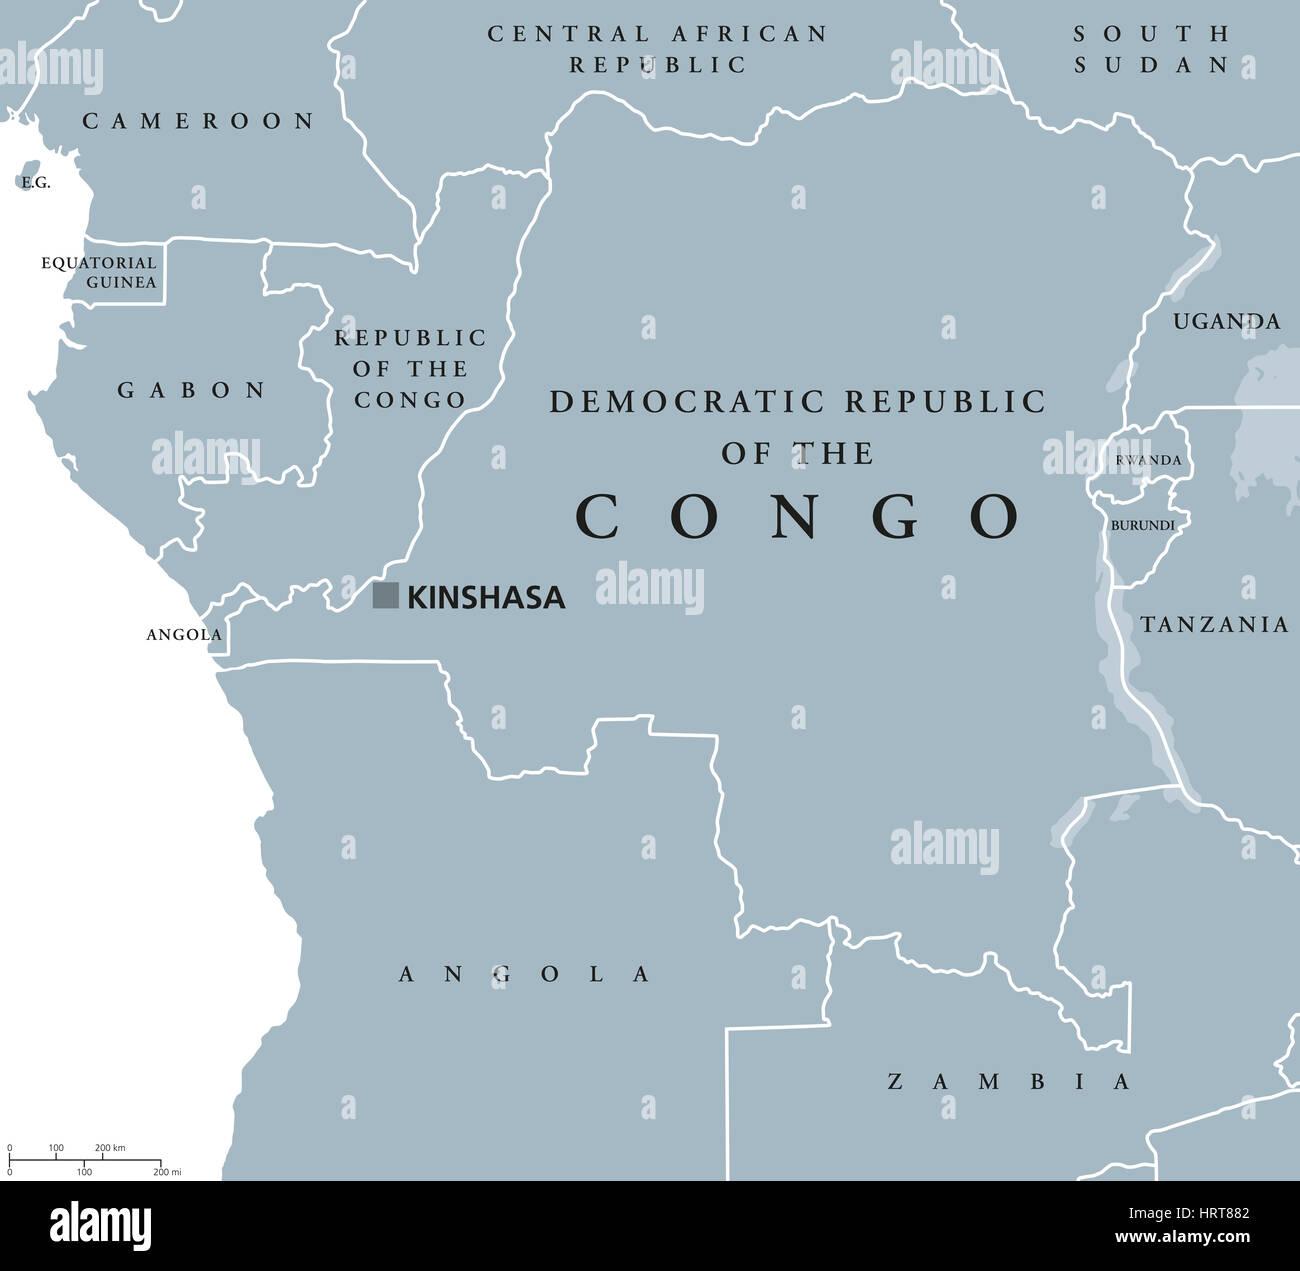 Carte Politique De Lafrique Centrale.Republique Democratique Du Congo Carte Politique Avec